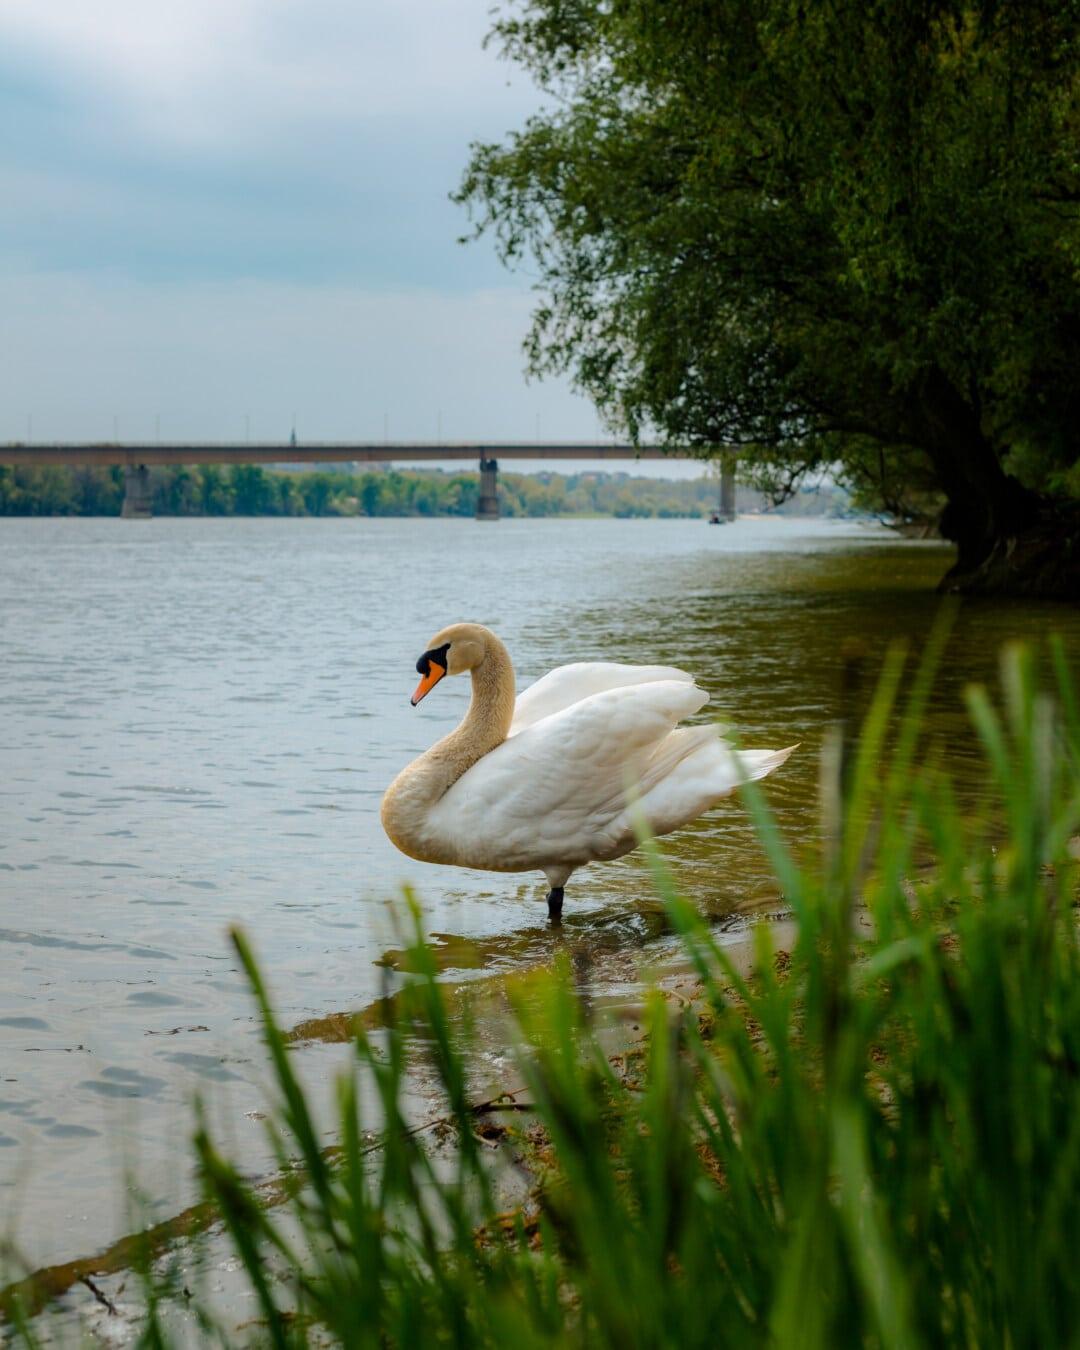 labud, sa strane, stoji, obala rijeke, ptica, ptice vodarice, jezero, vodena ptica, voda, rijeka